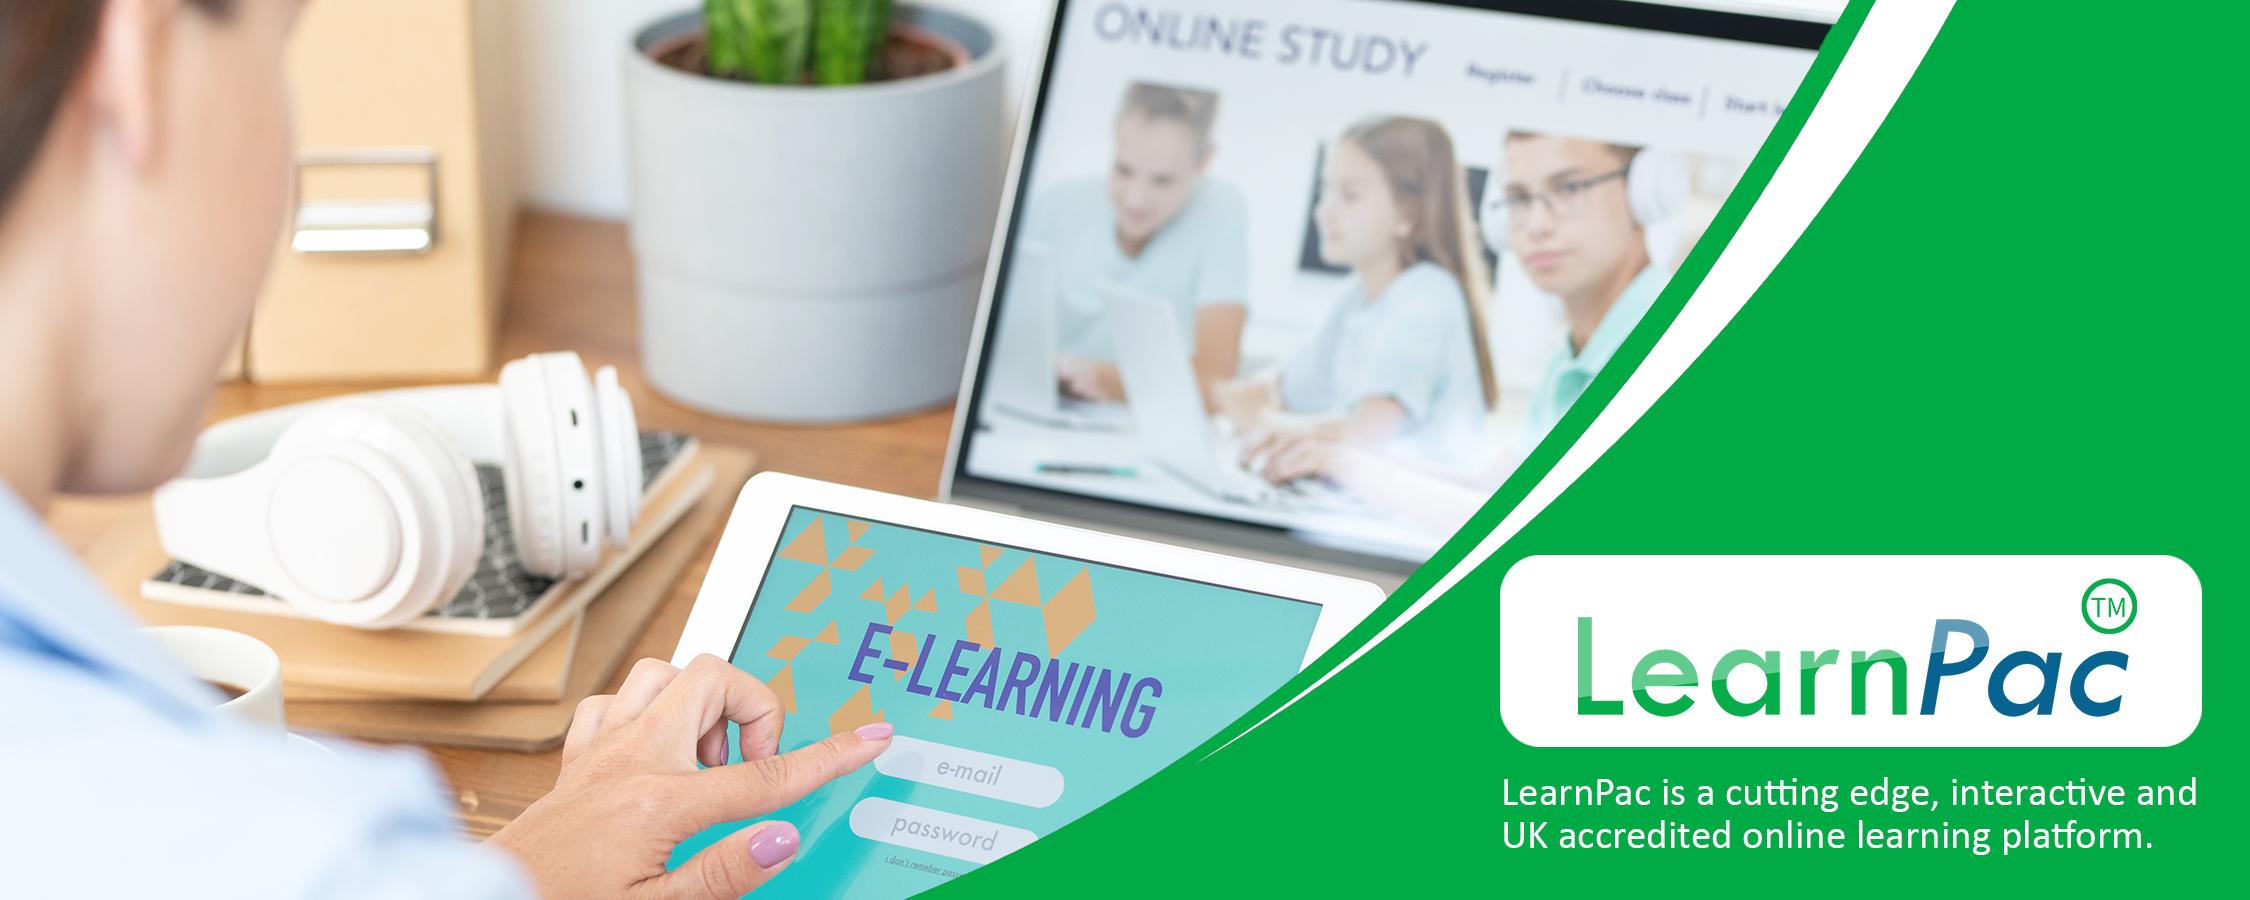 Mandatory Health Care Training Courses - Online Learning Courses - E-Learning Courses - LearnPac Systems UK -